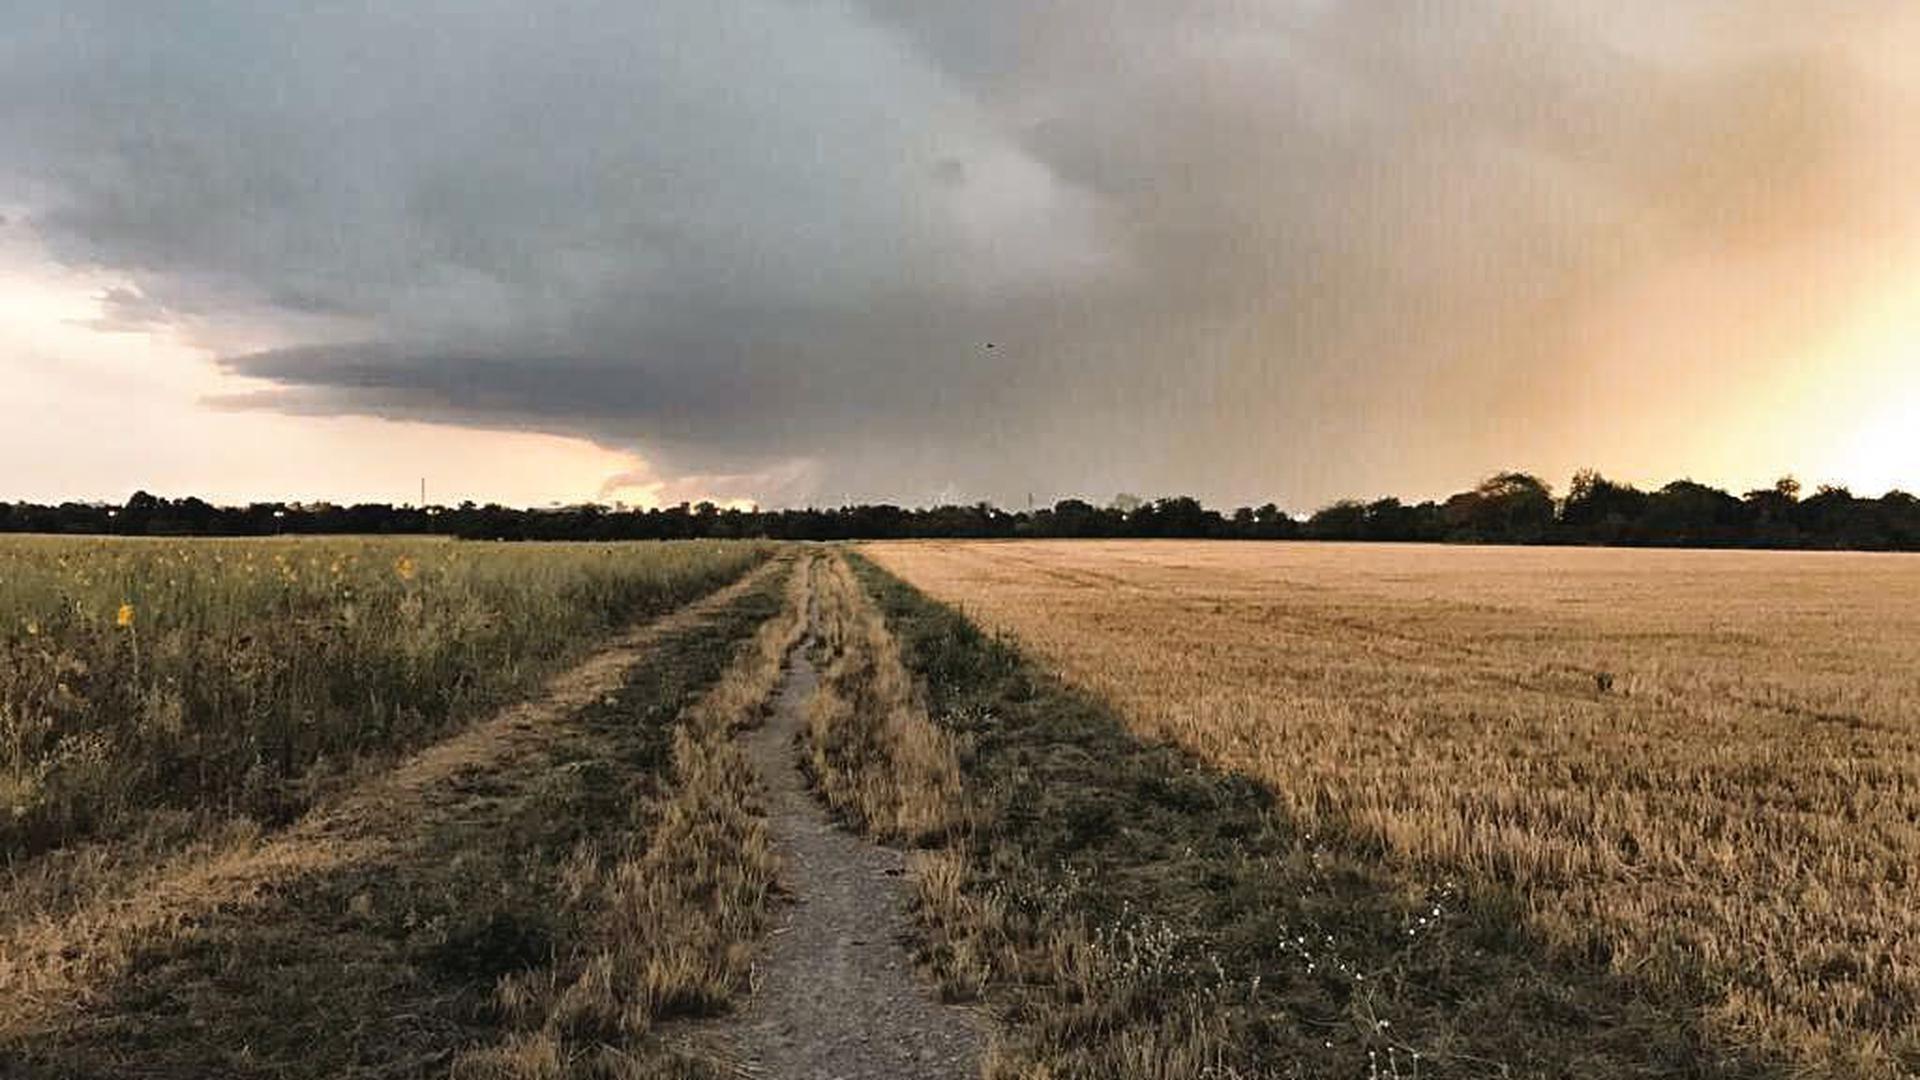 Das Unwetter über Ettlingen im Sommer 2019 aus Sicht von Karlsruhe-Neureut.